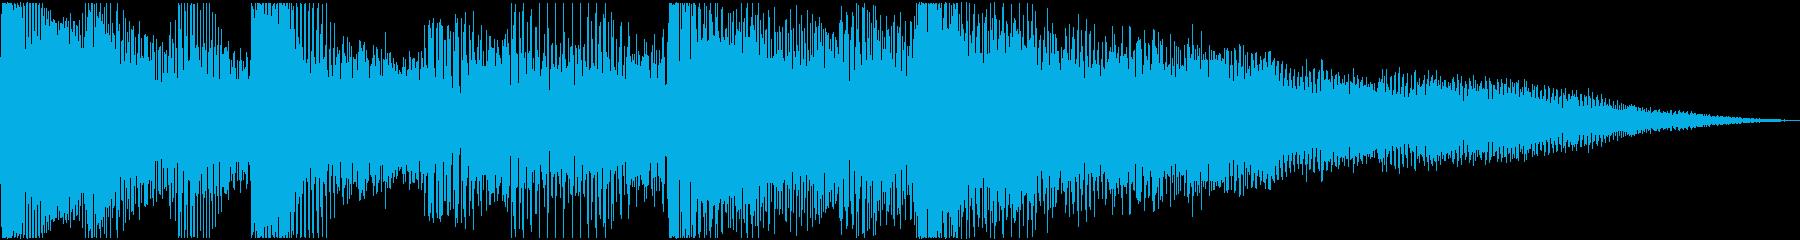 pop synth soundの再生済みの波形